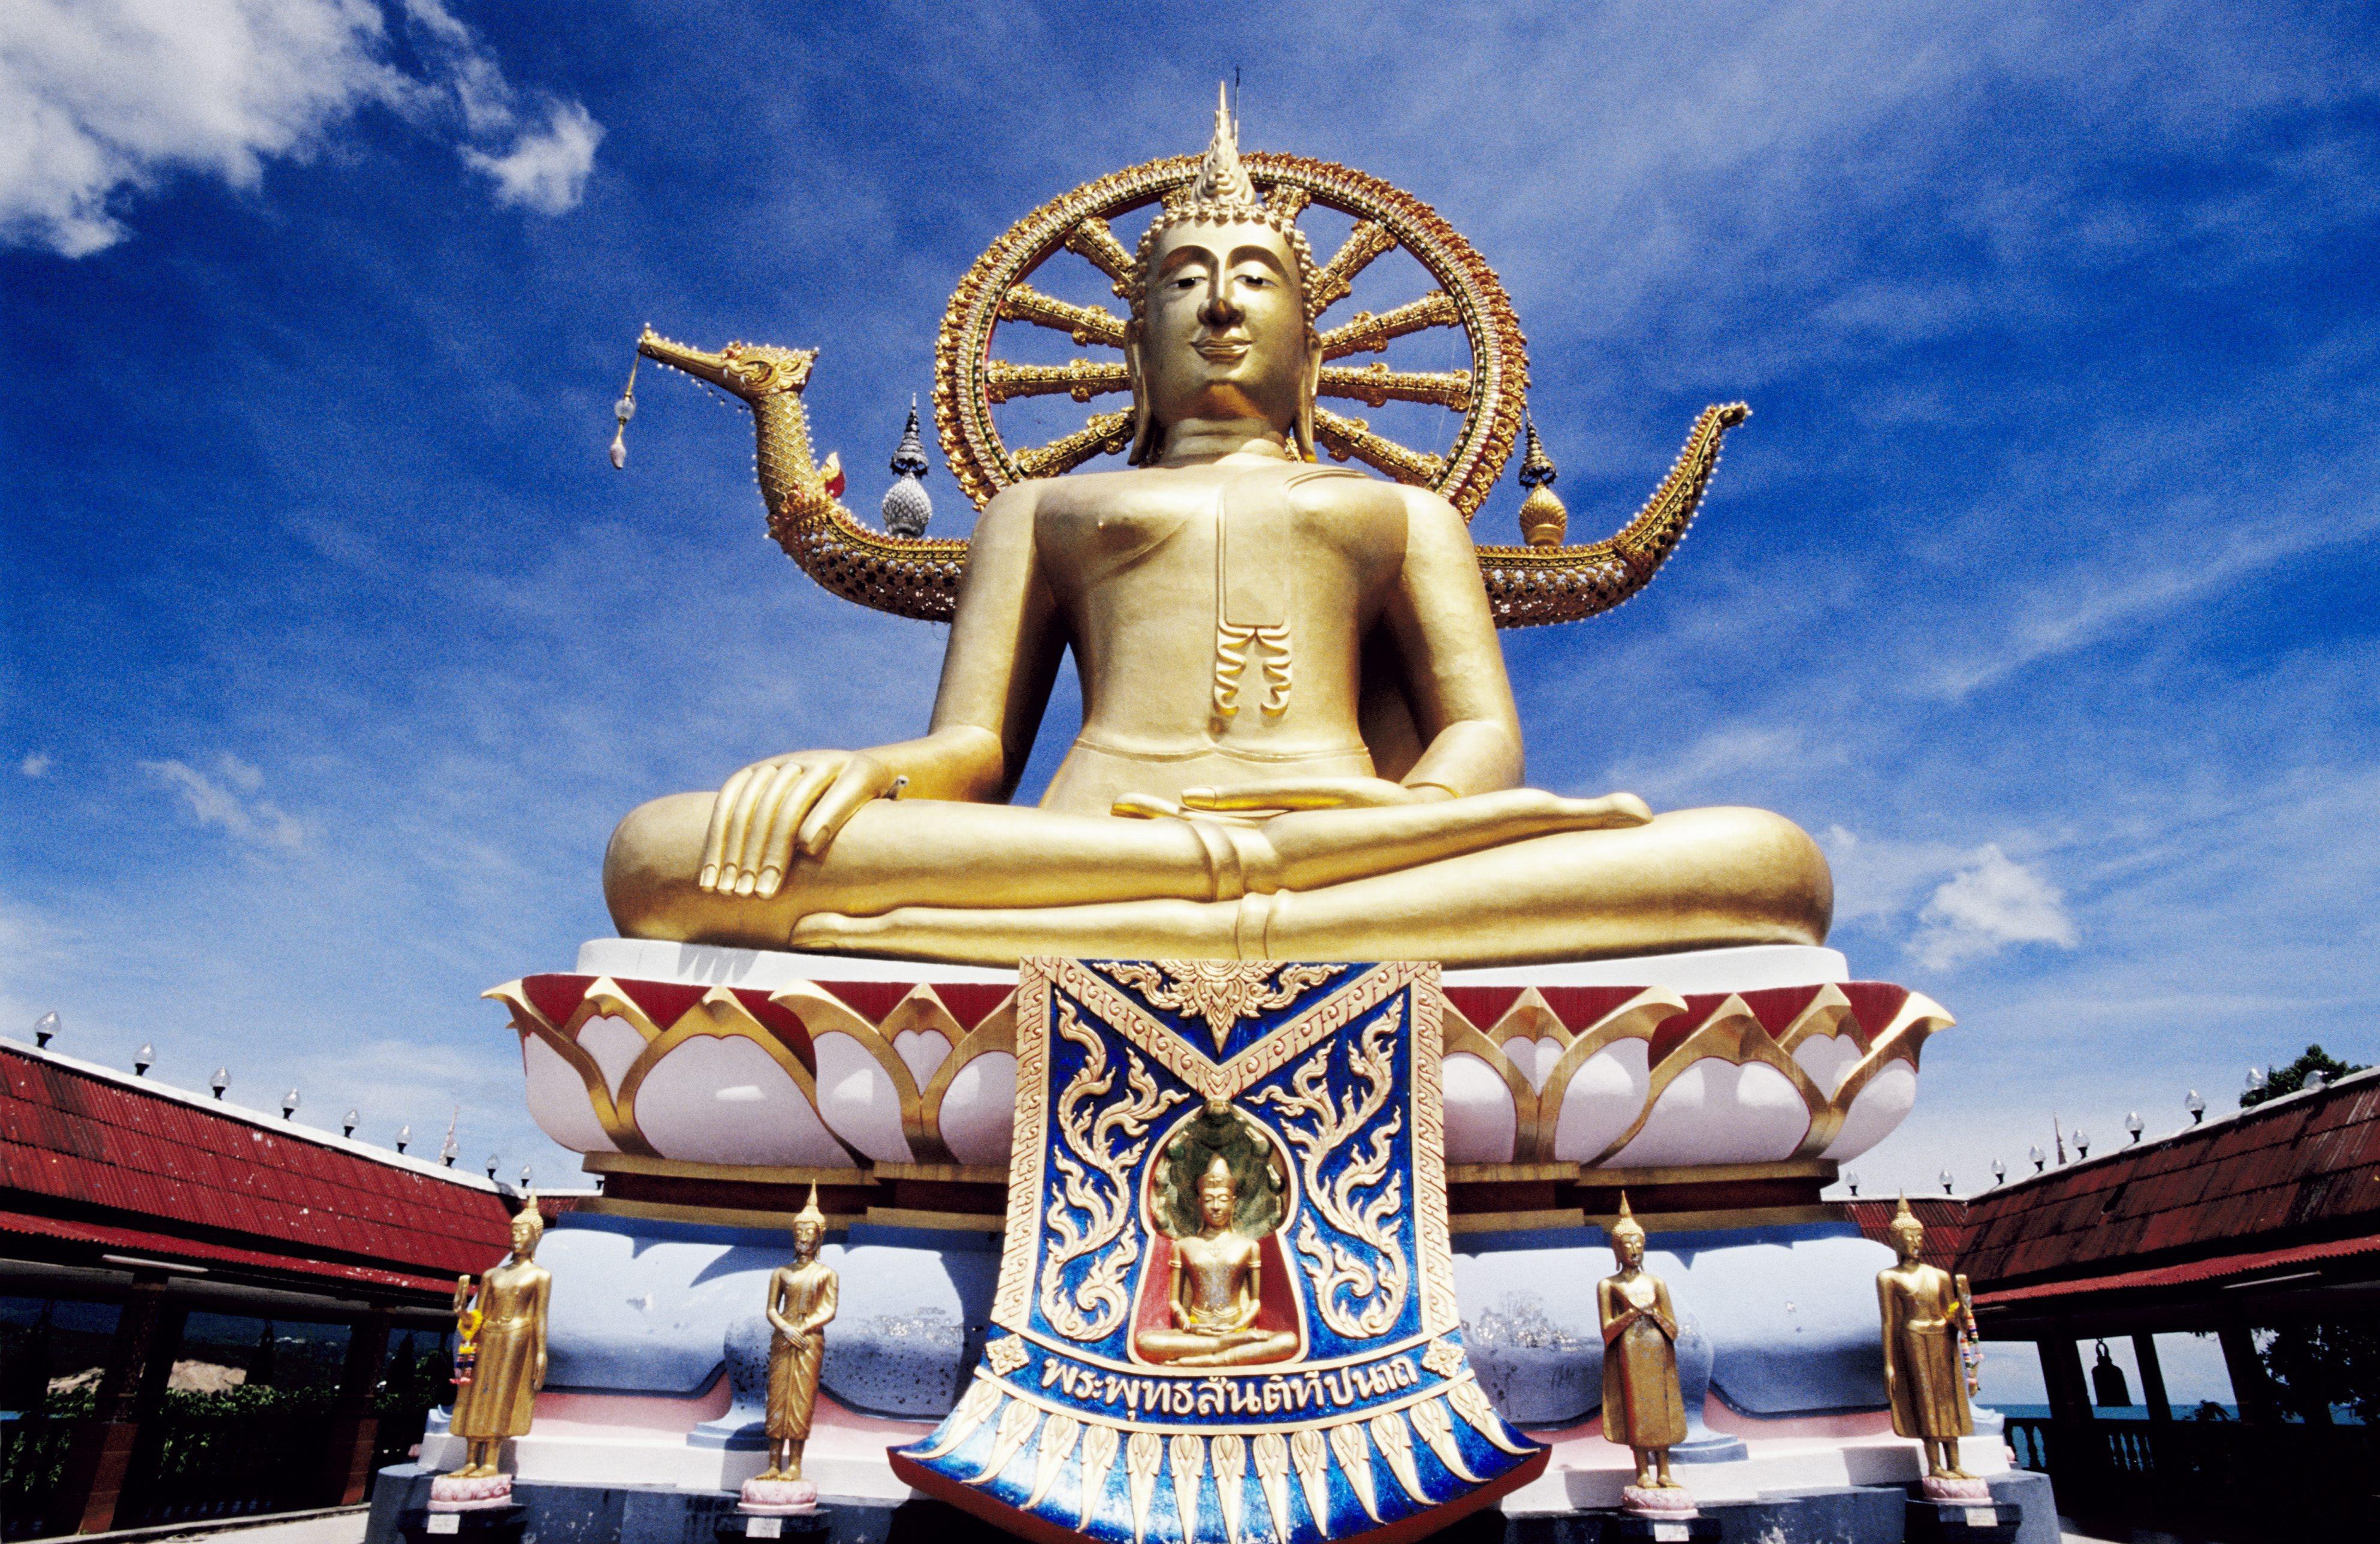 Ko Samui Big Buddha